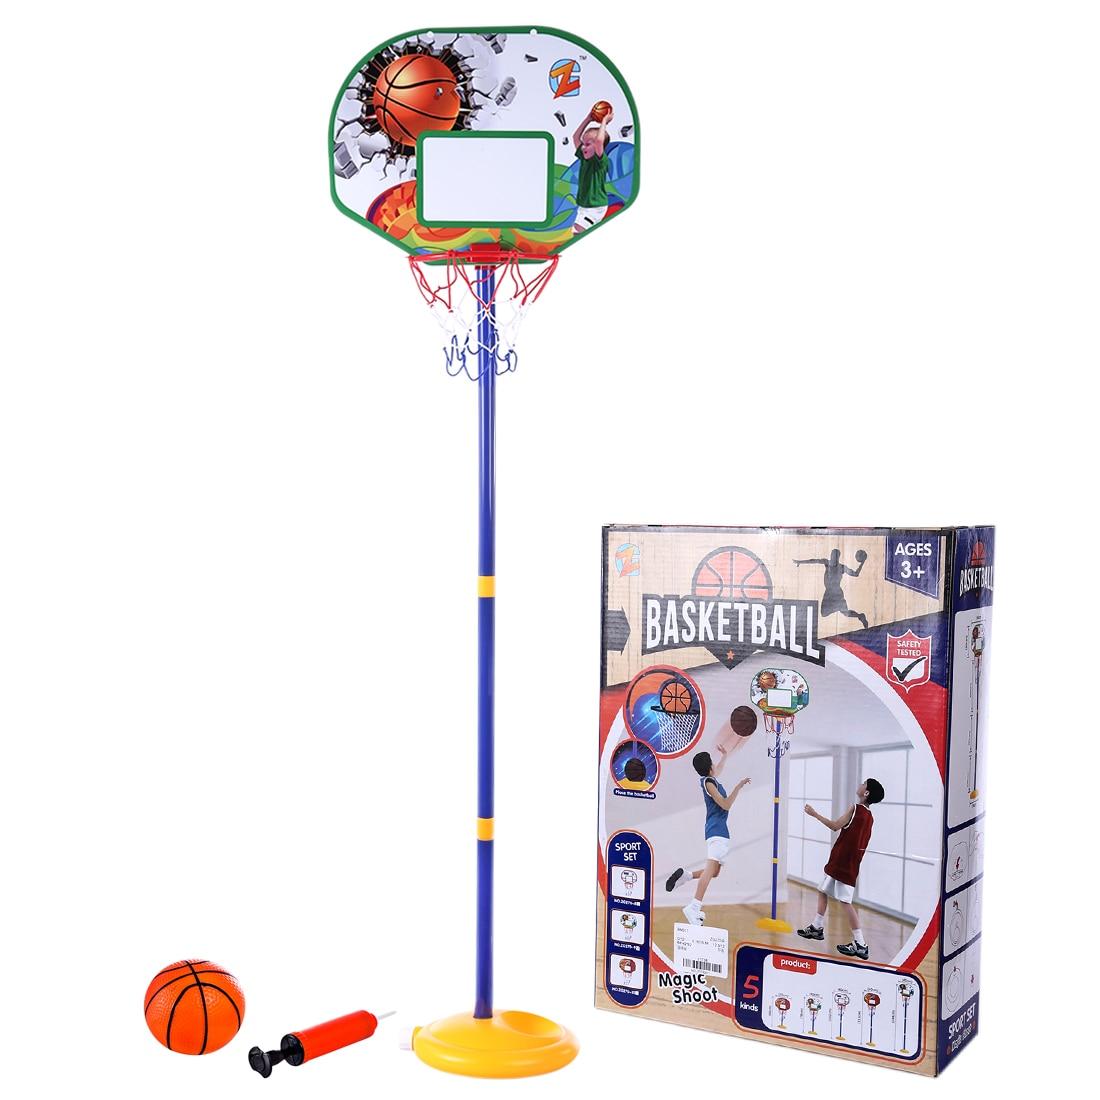 Rowsfire nouvelle arrivée enfants équipement de sport Fitness basket-ball signifie enfants jouets d'intérieur en plein air